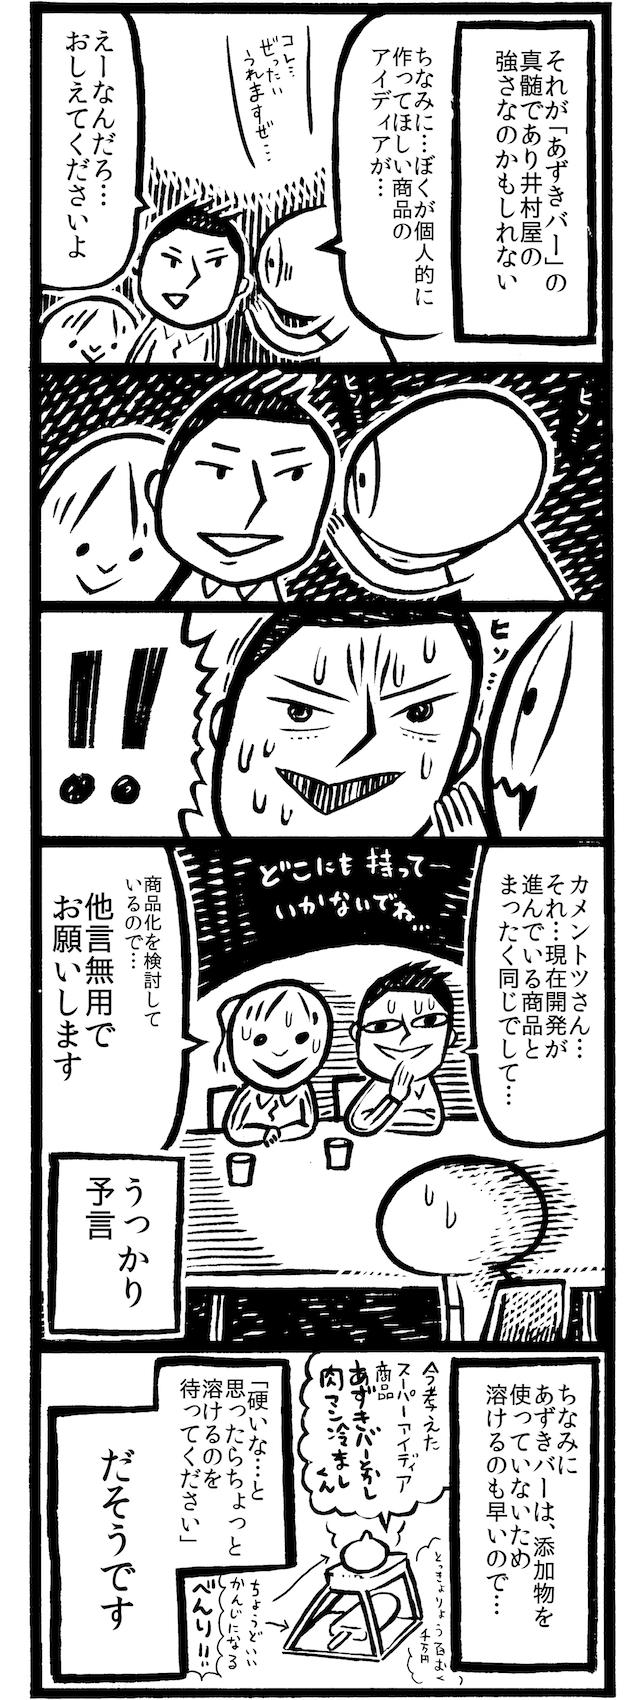 f:id:kakijiro:20160909112954j:plain